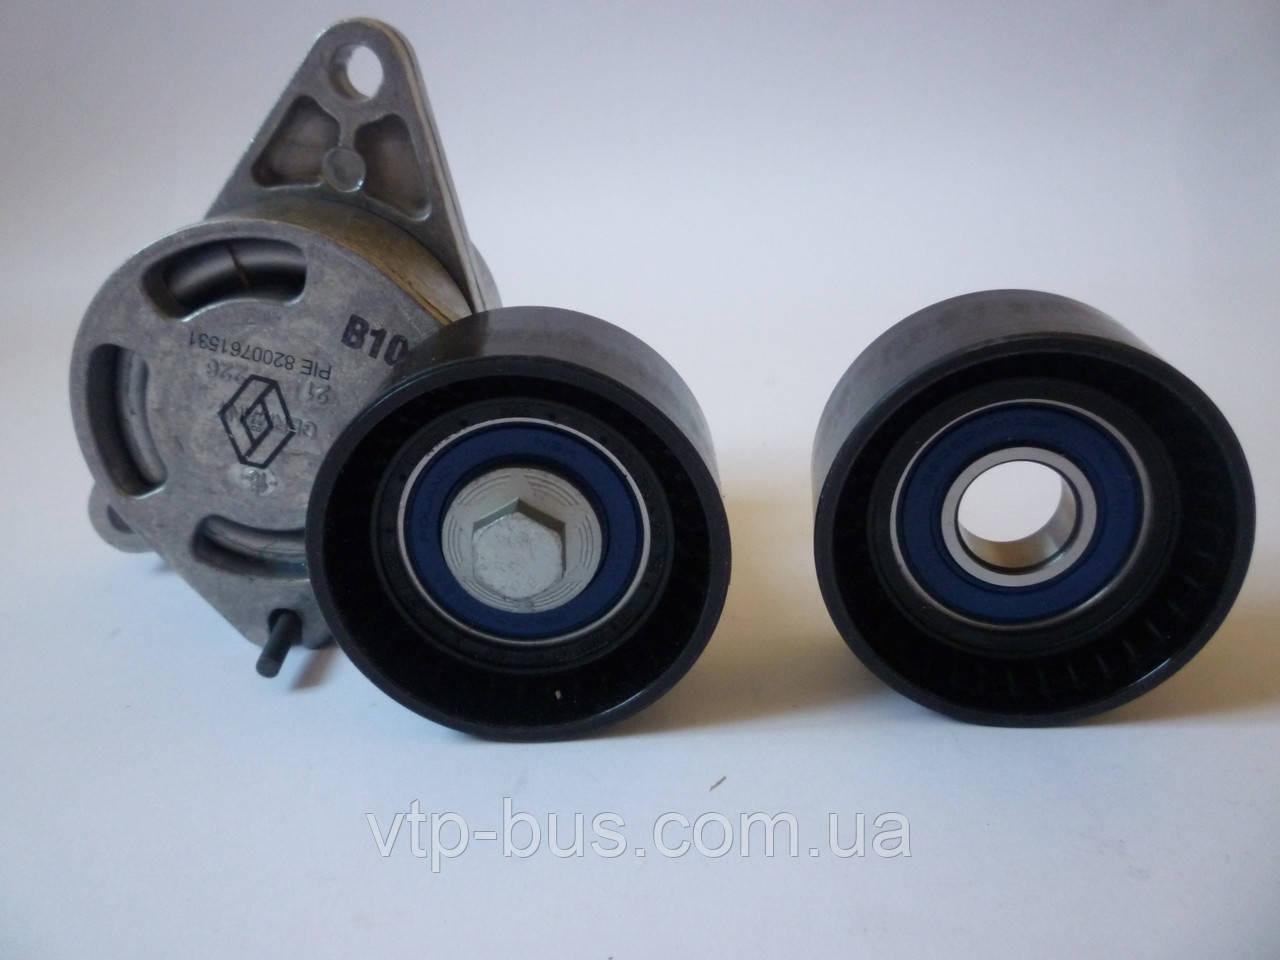 Комплект роликов генератора на Renault Trafic 2,5 (135л.с.+146л.с.) с 2003... Renault (оригинал) 7701475629